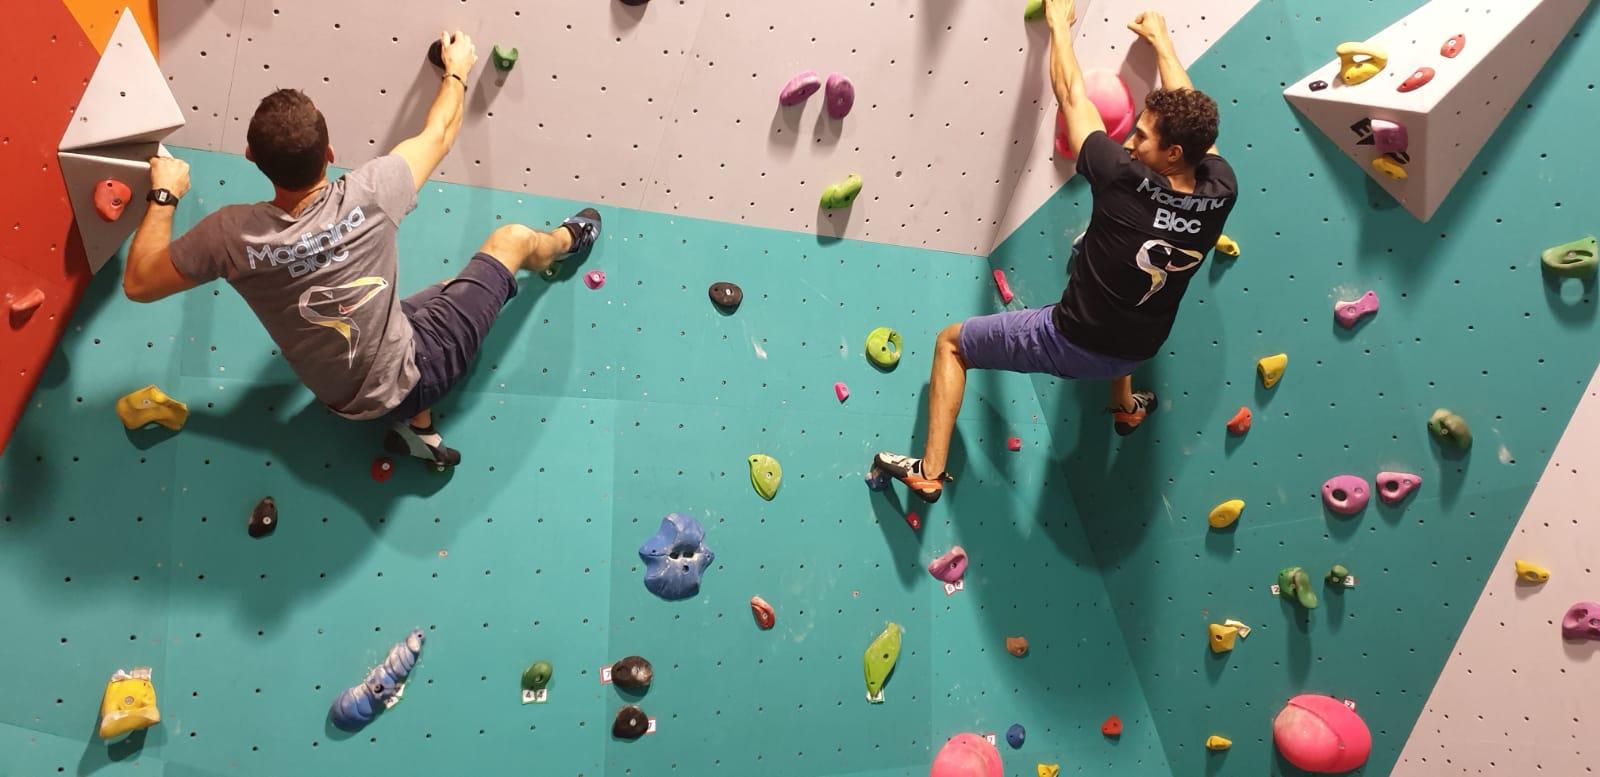 La première salle d'escalade a ouvert ses portes fin décembre au Lamentin